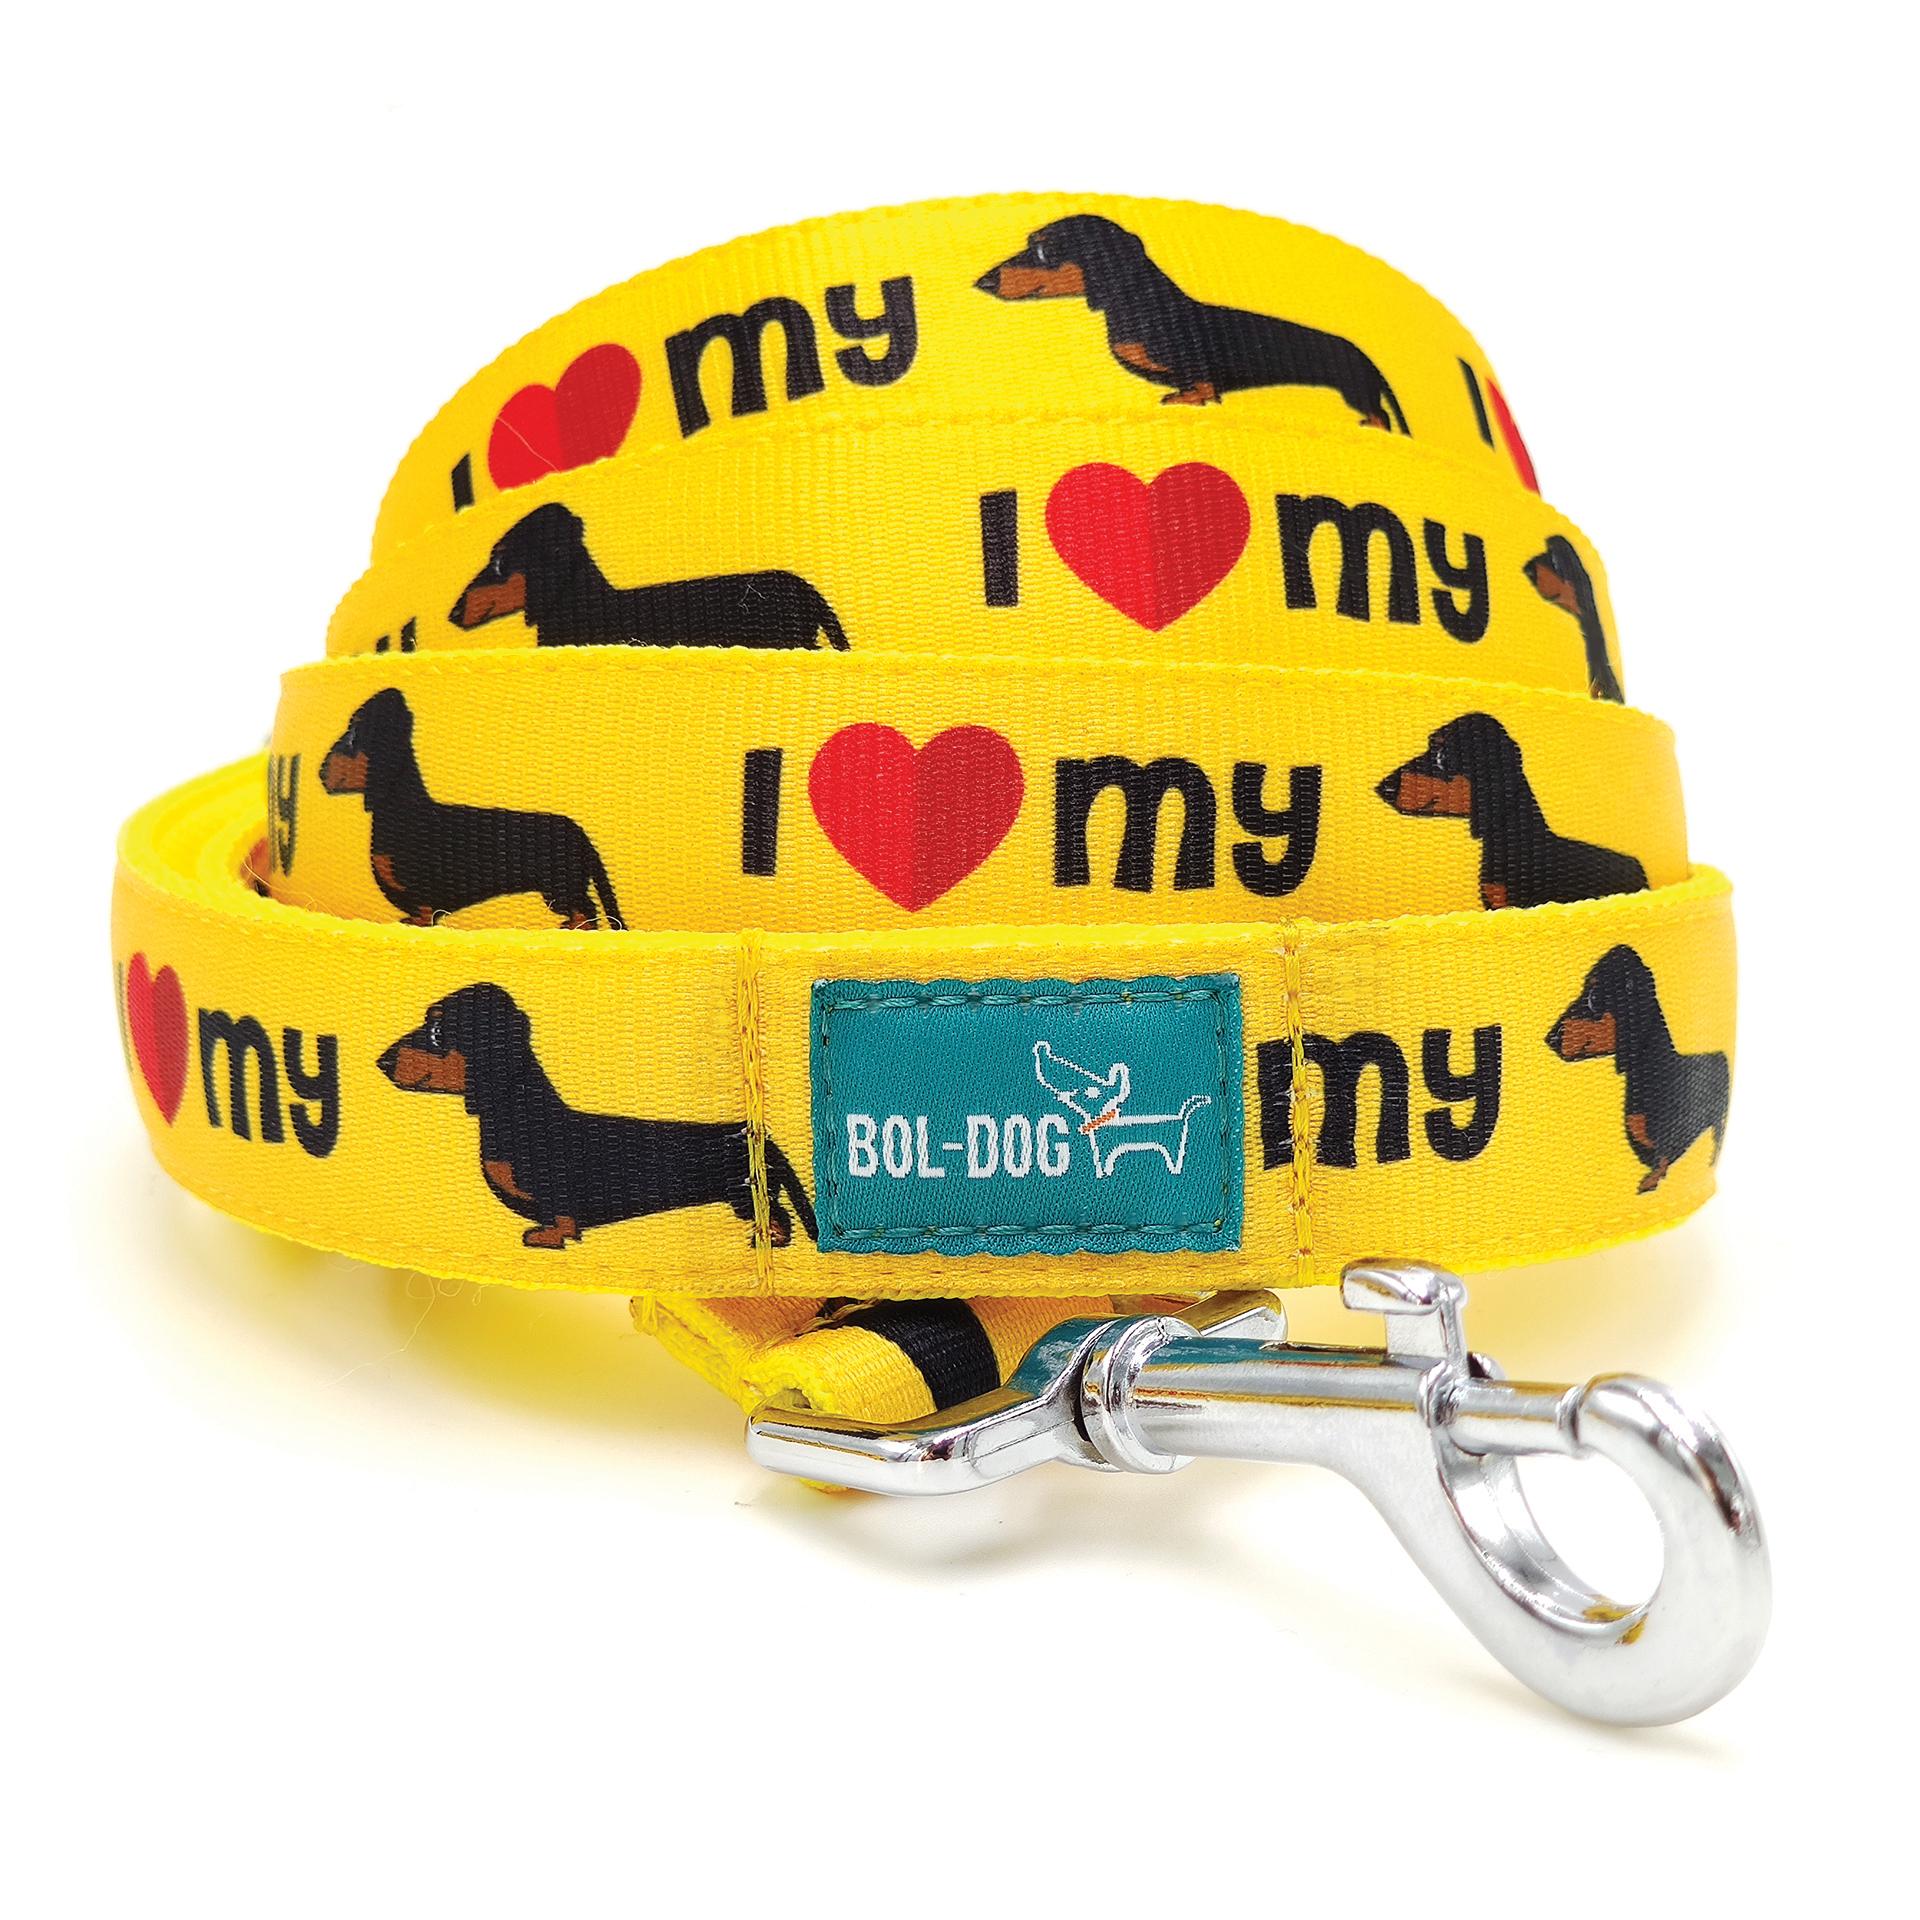 Dachshund yellow dog leash